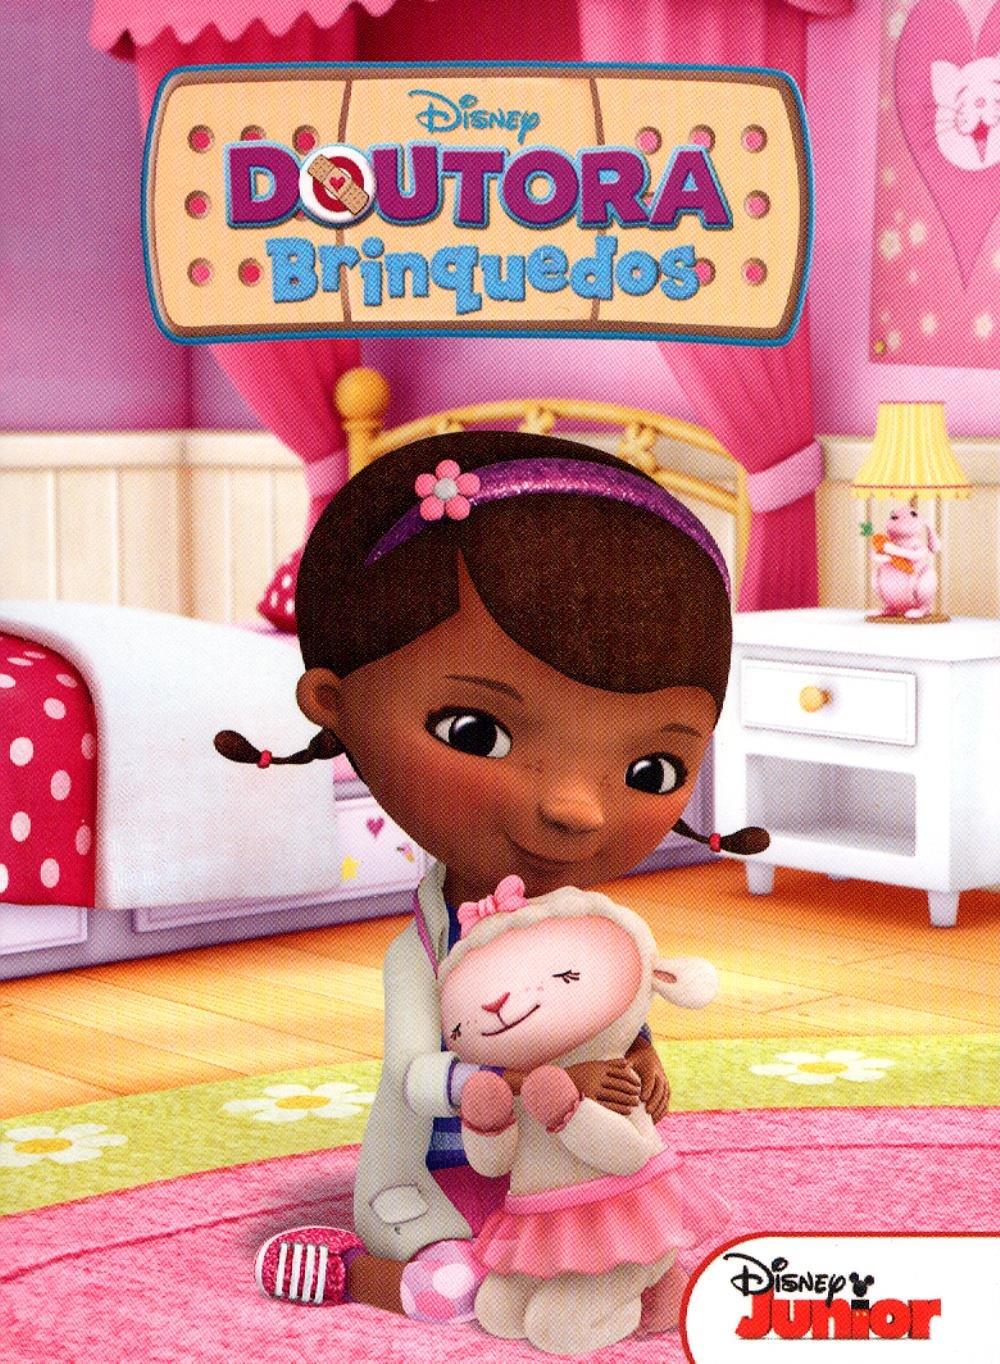 Doutora Brinquedos Disney Saraiva